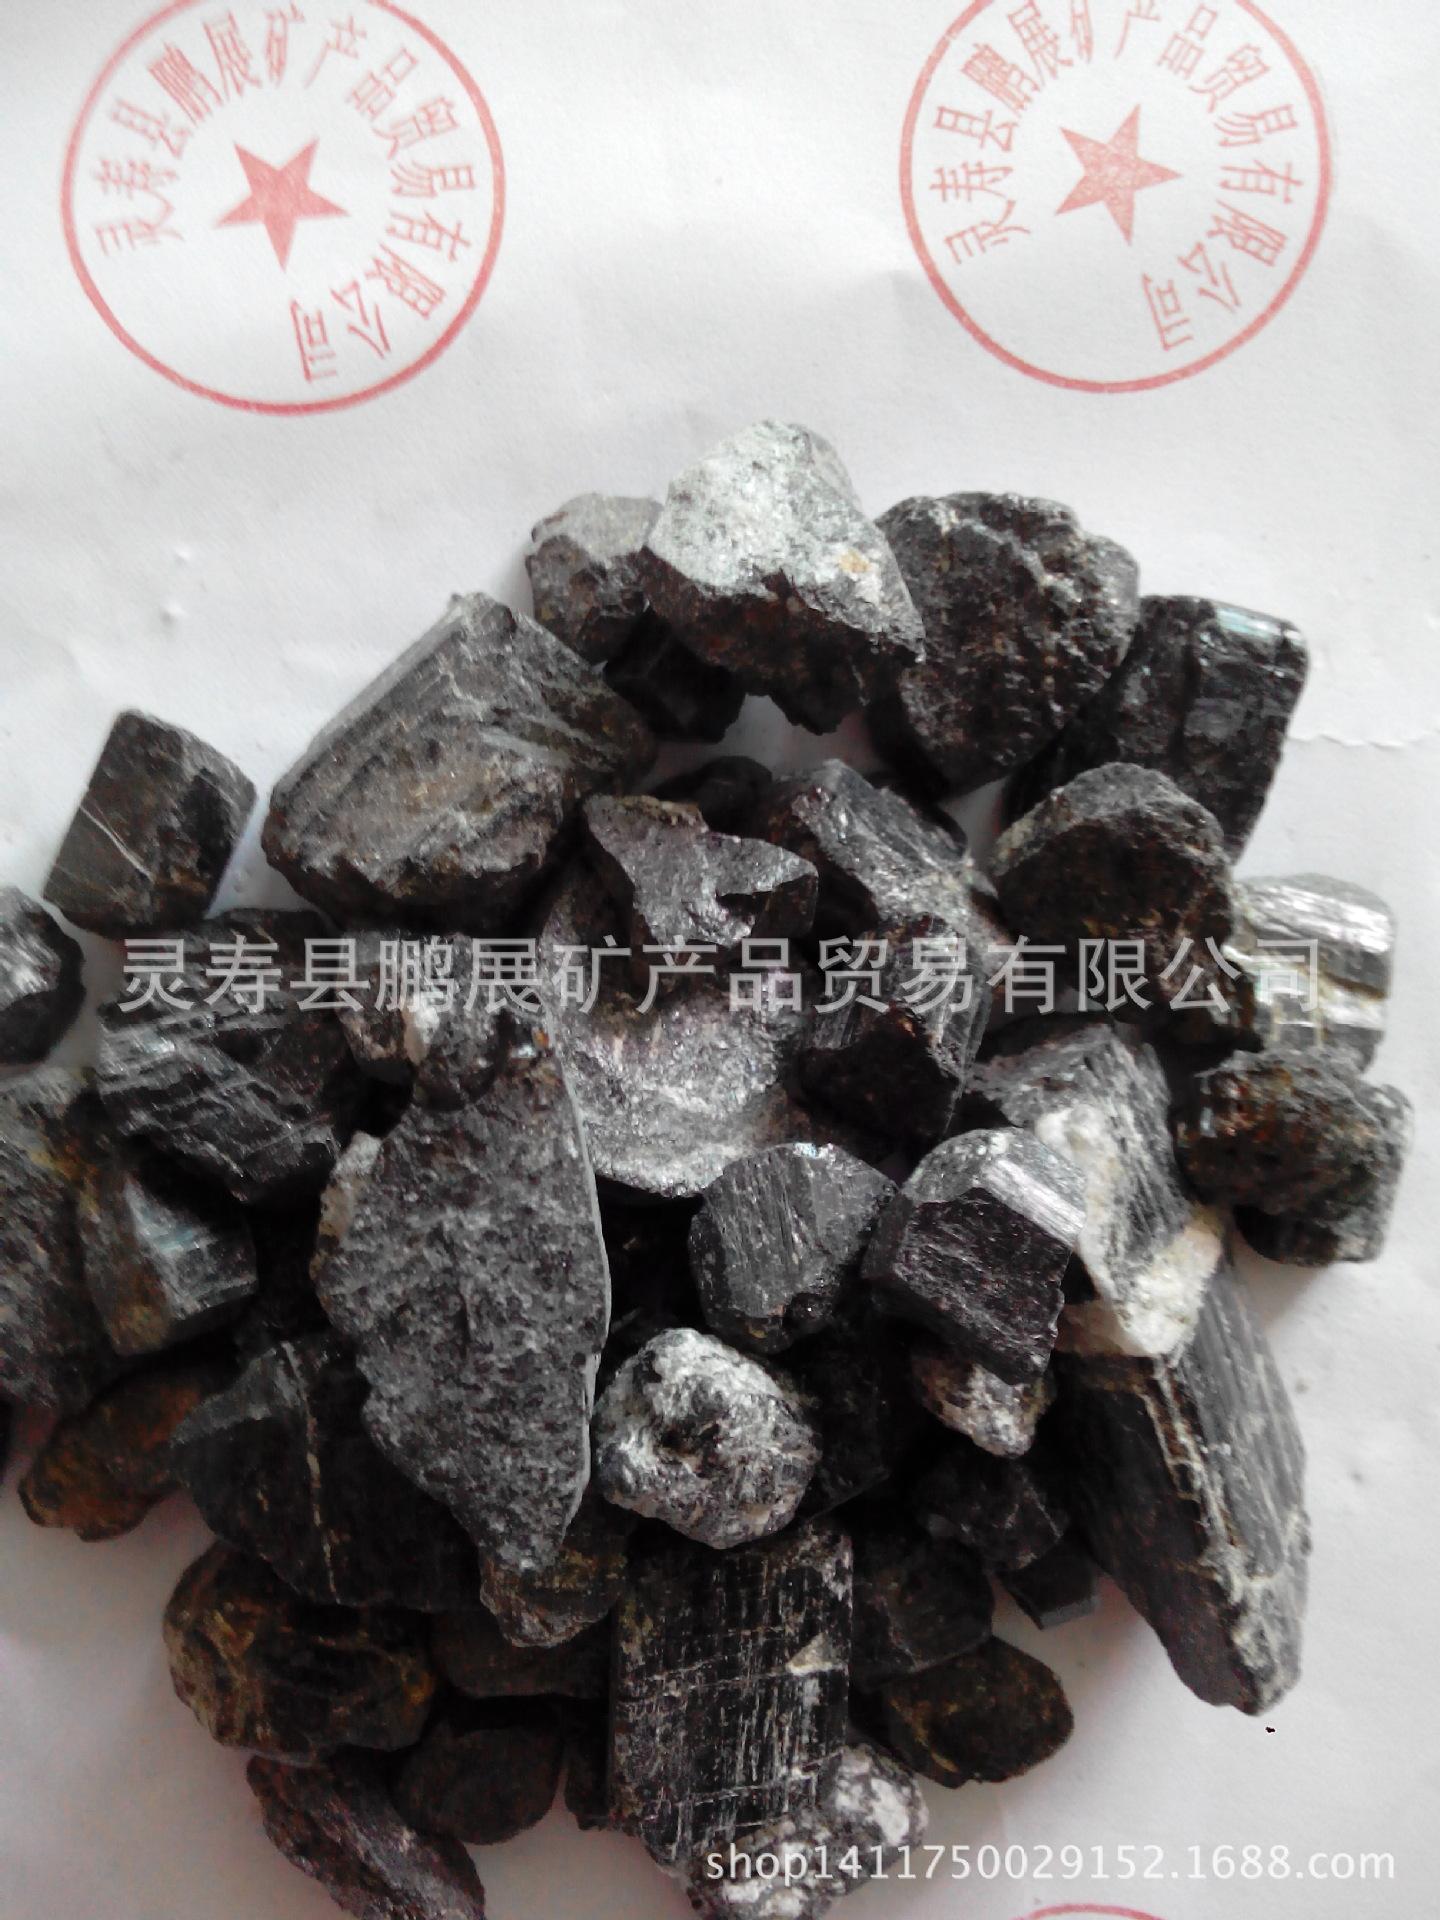 电气石粉 电气石 托玛琳石 电气石粉 厂家 阿里巴巴